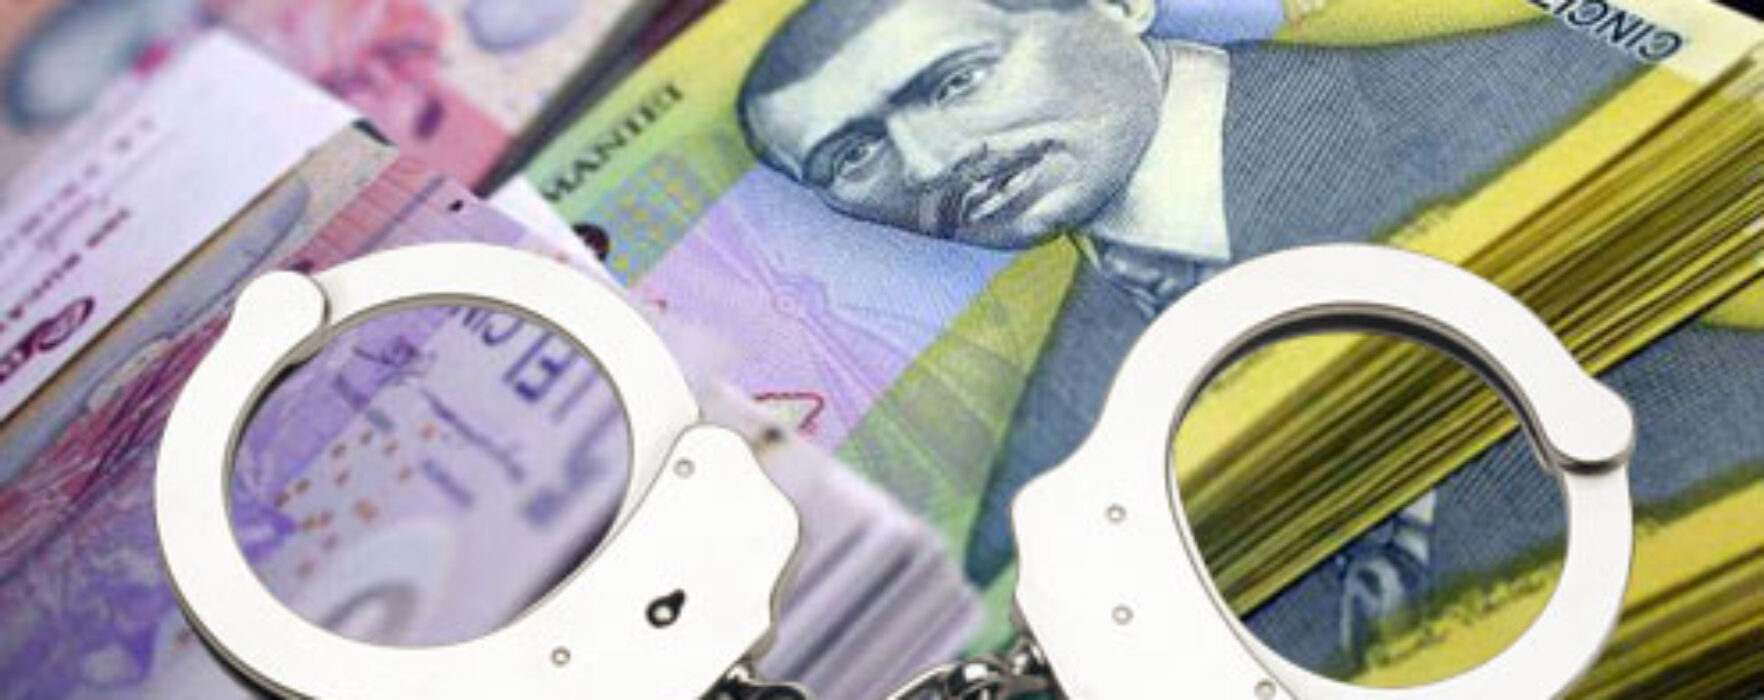 Dâmboviţa: Înşelaţi de un agent de credite care a luat bani în numele lor